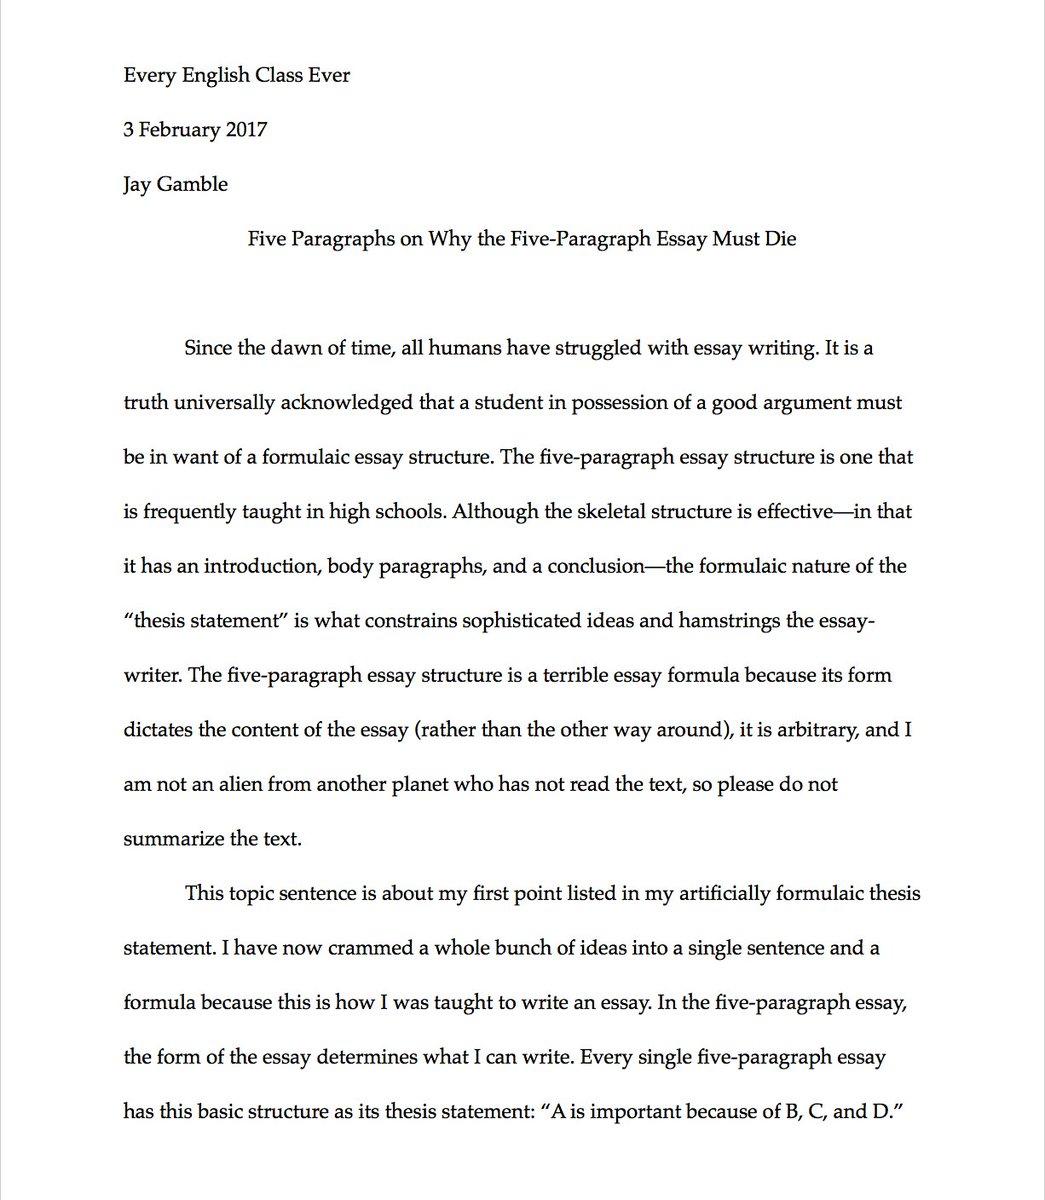 007 Paragraph Essay C3xanfgumaav1io Exceptional 3 Persuasive Graphic Organizer Argumentative Examples Full